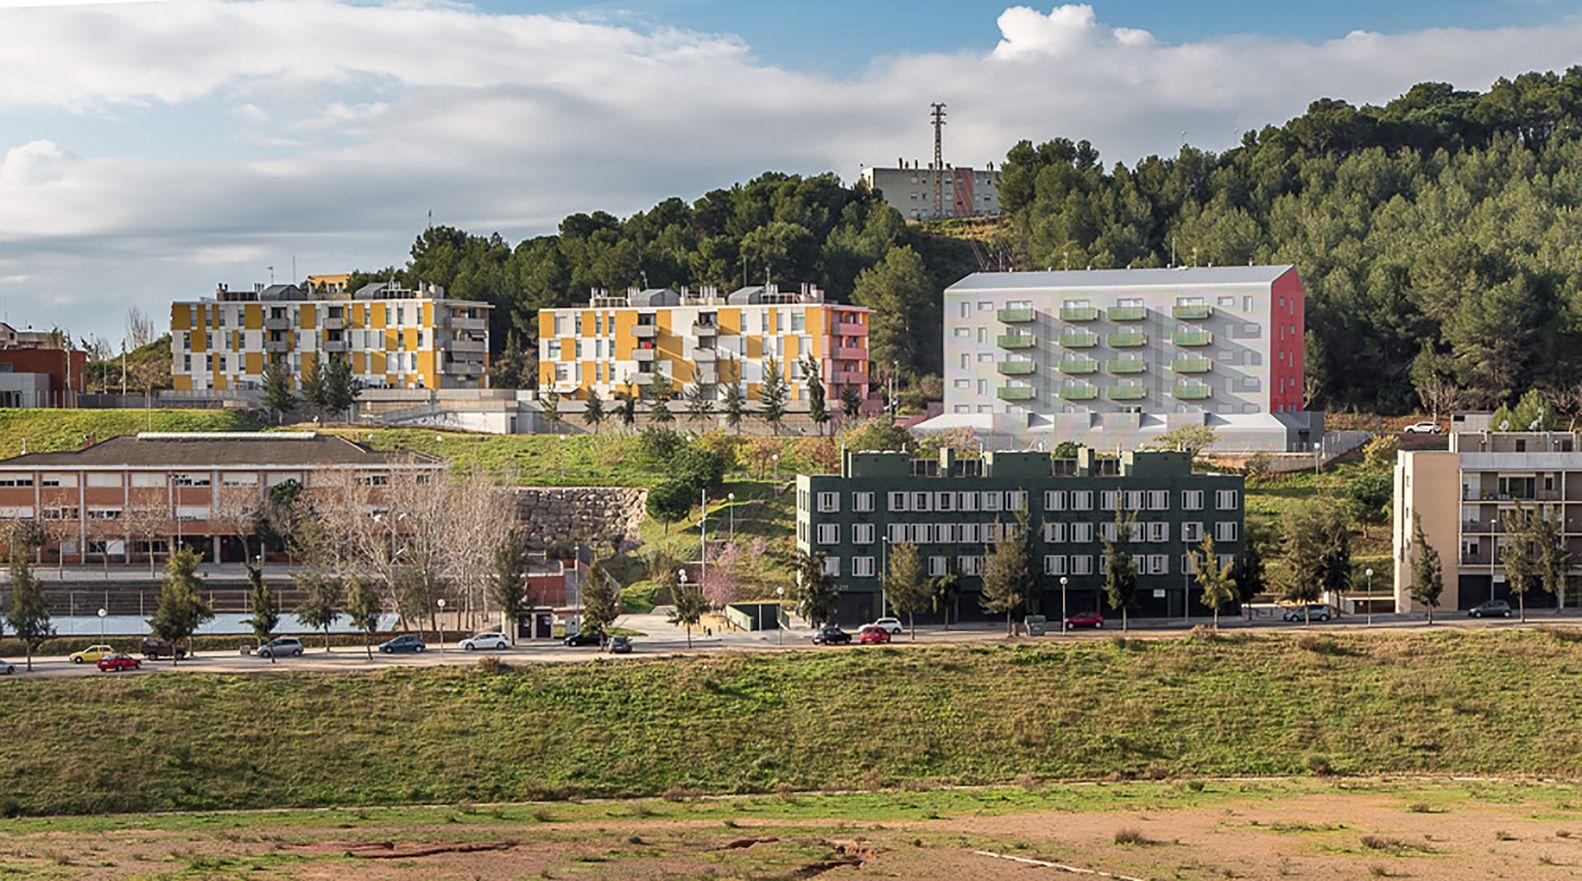 Galería - 10 Viviendas Sociales en Gavá / PICH-AGUILERA Arquitectos - 5